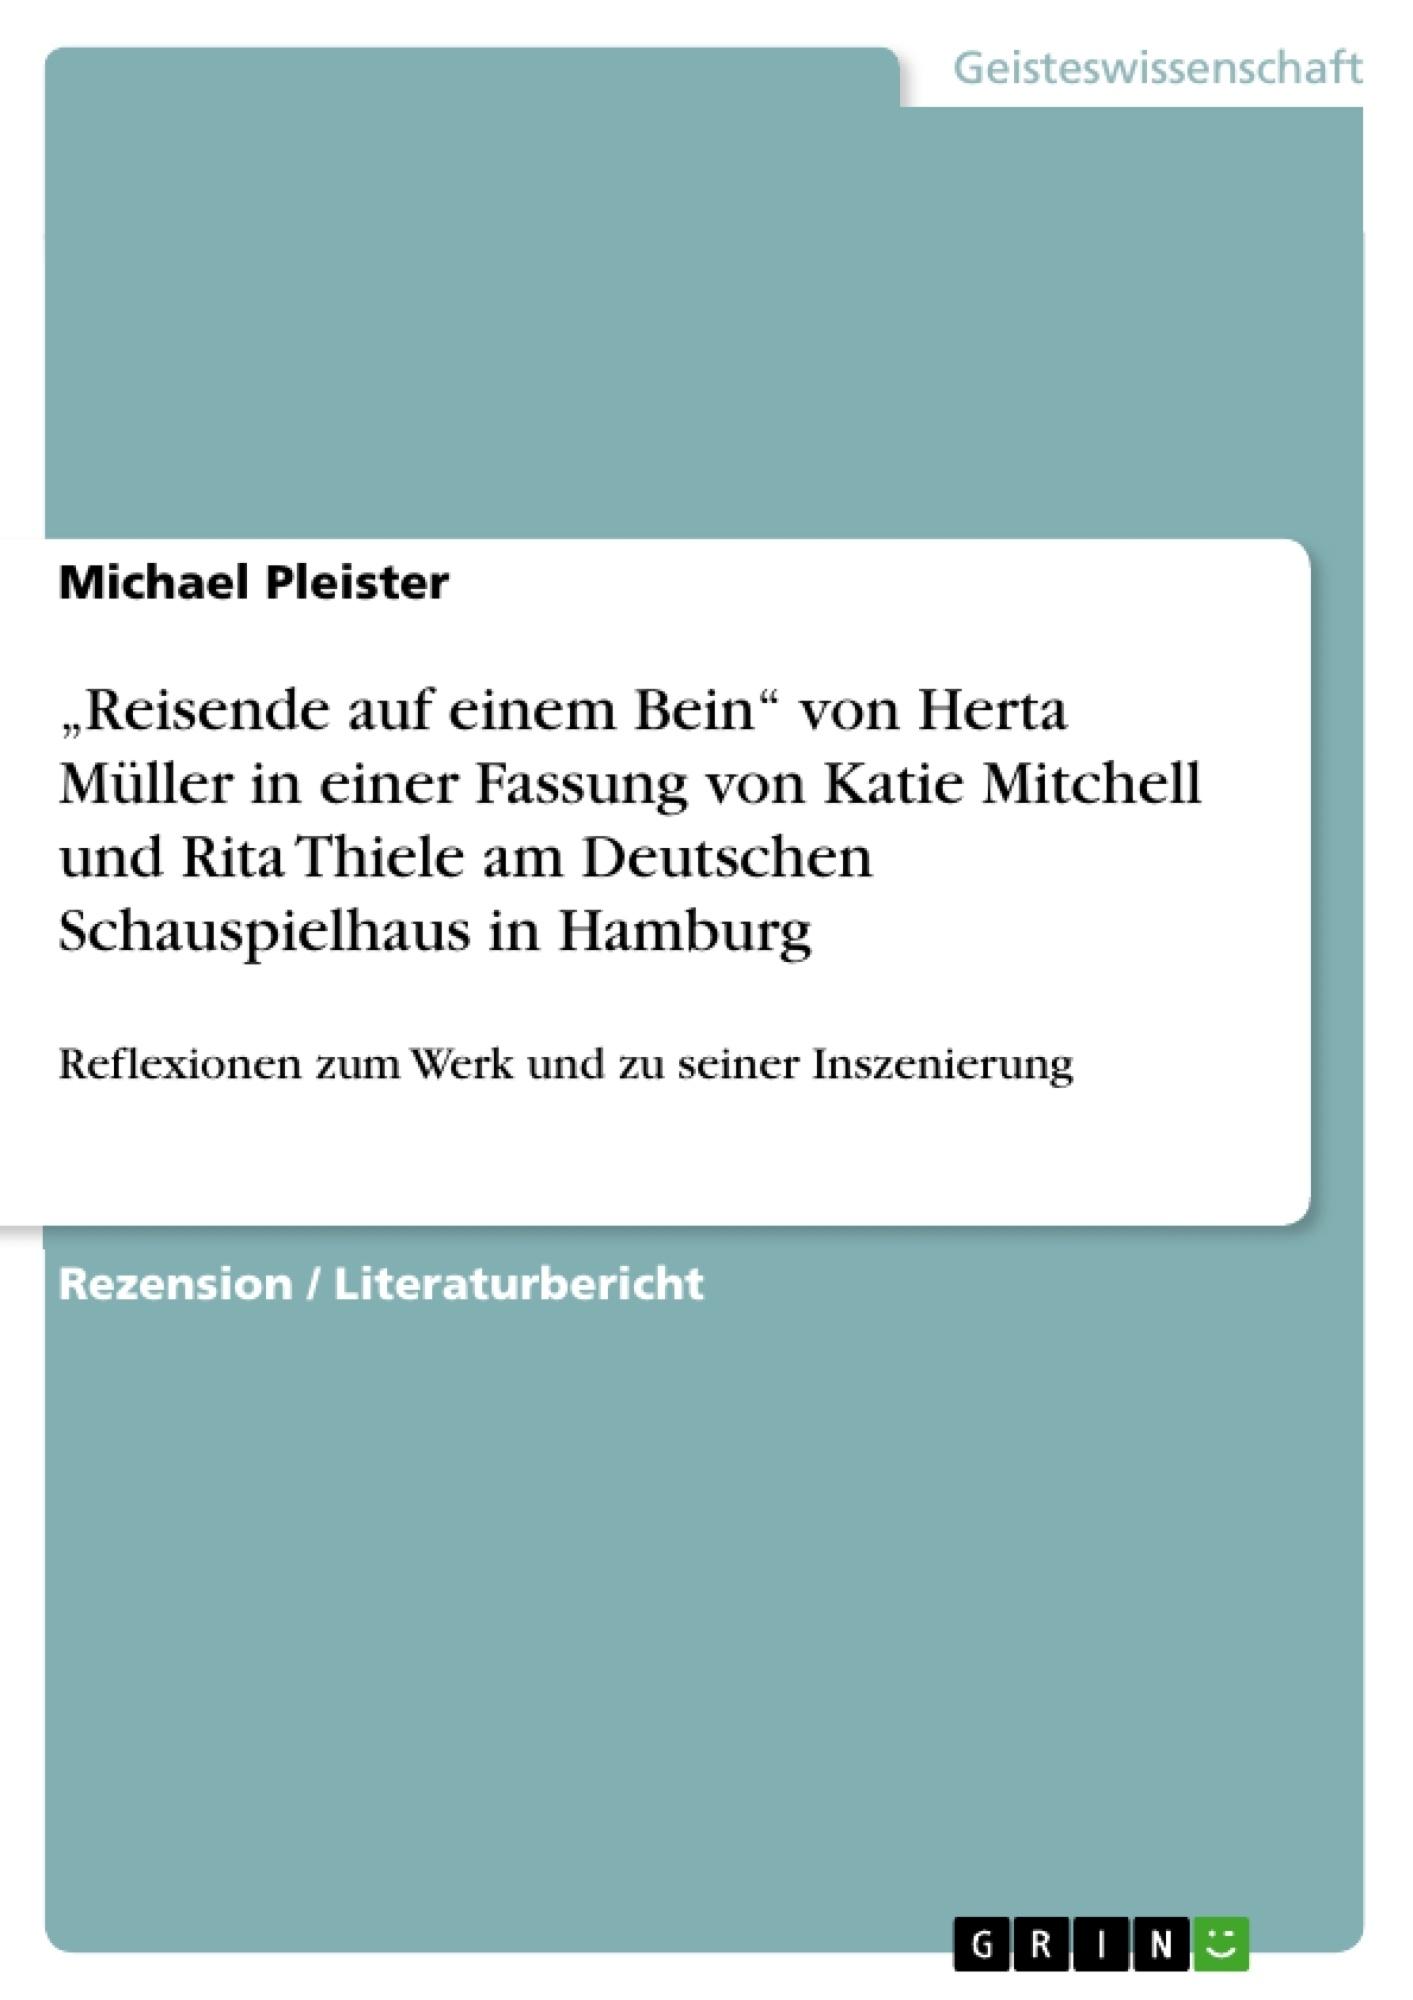 """Titel: """"Reisende auf einem Bein""""  von Herta Müller in einer Fassung von Katie Mitchell und Rita Thiele am Deutschen Schauspielhaus  in Hamburg"""